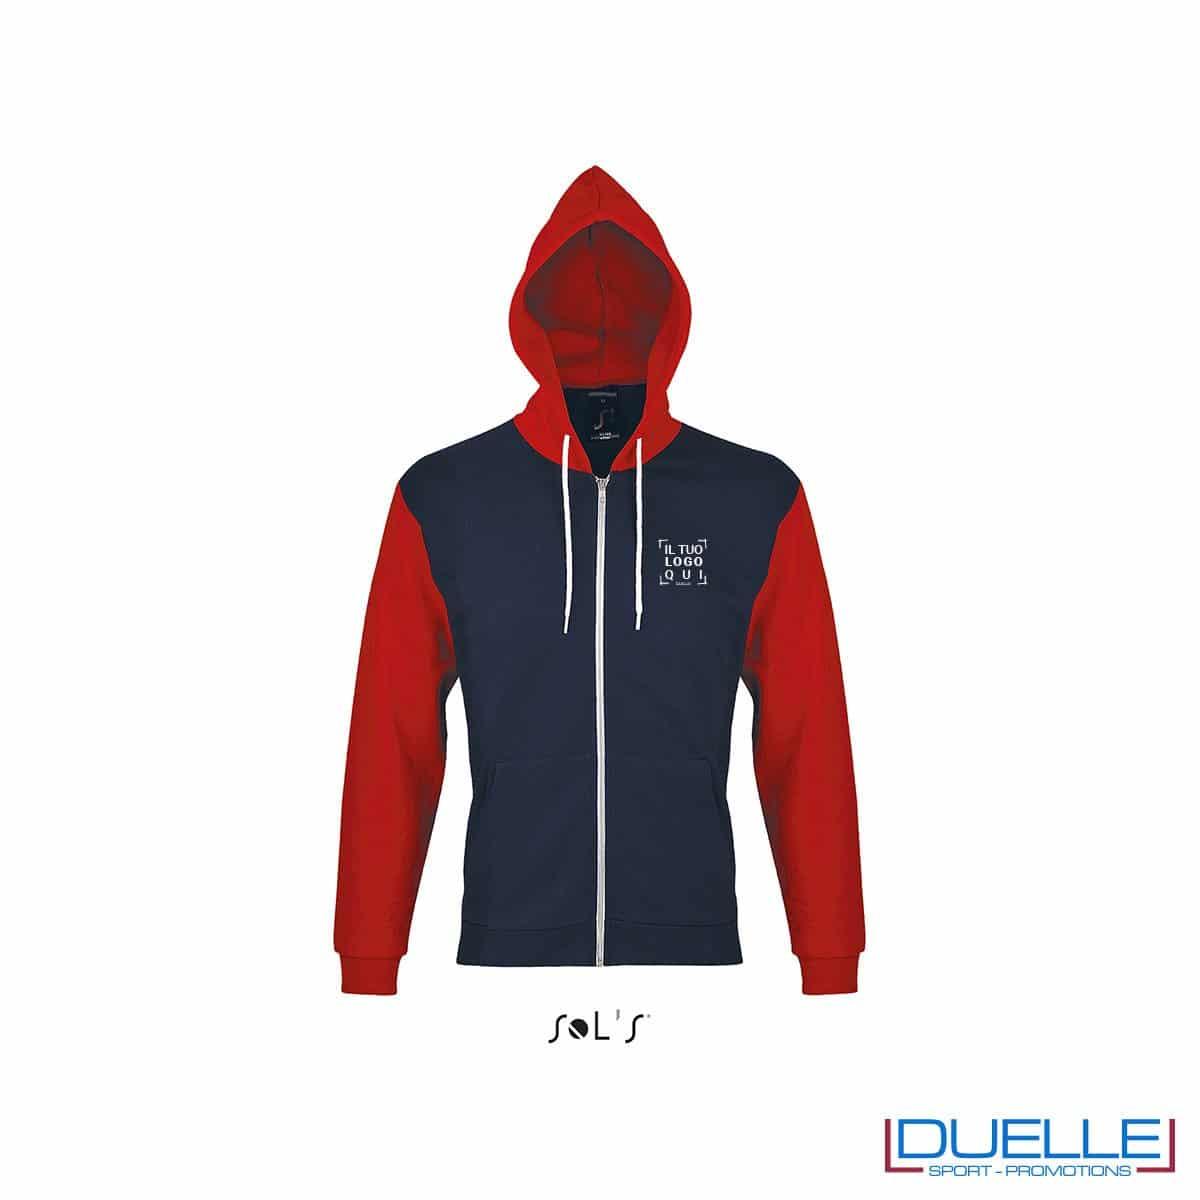 felpa personalizzata con cappuccio full zip e particolari a contrasto colore blu e rosso, felpa personalizzata, abbigliamento promozionale personalizzato